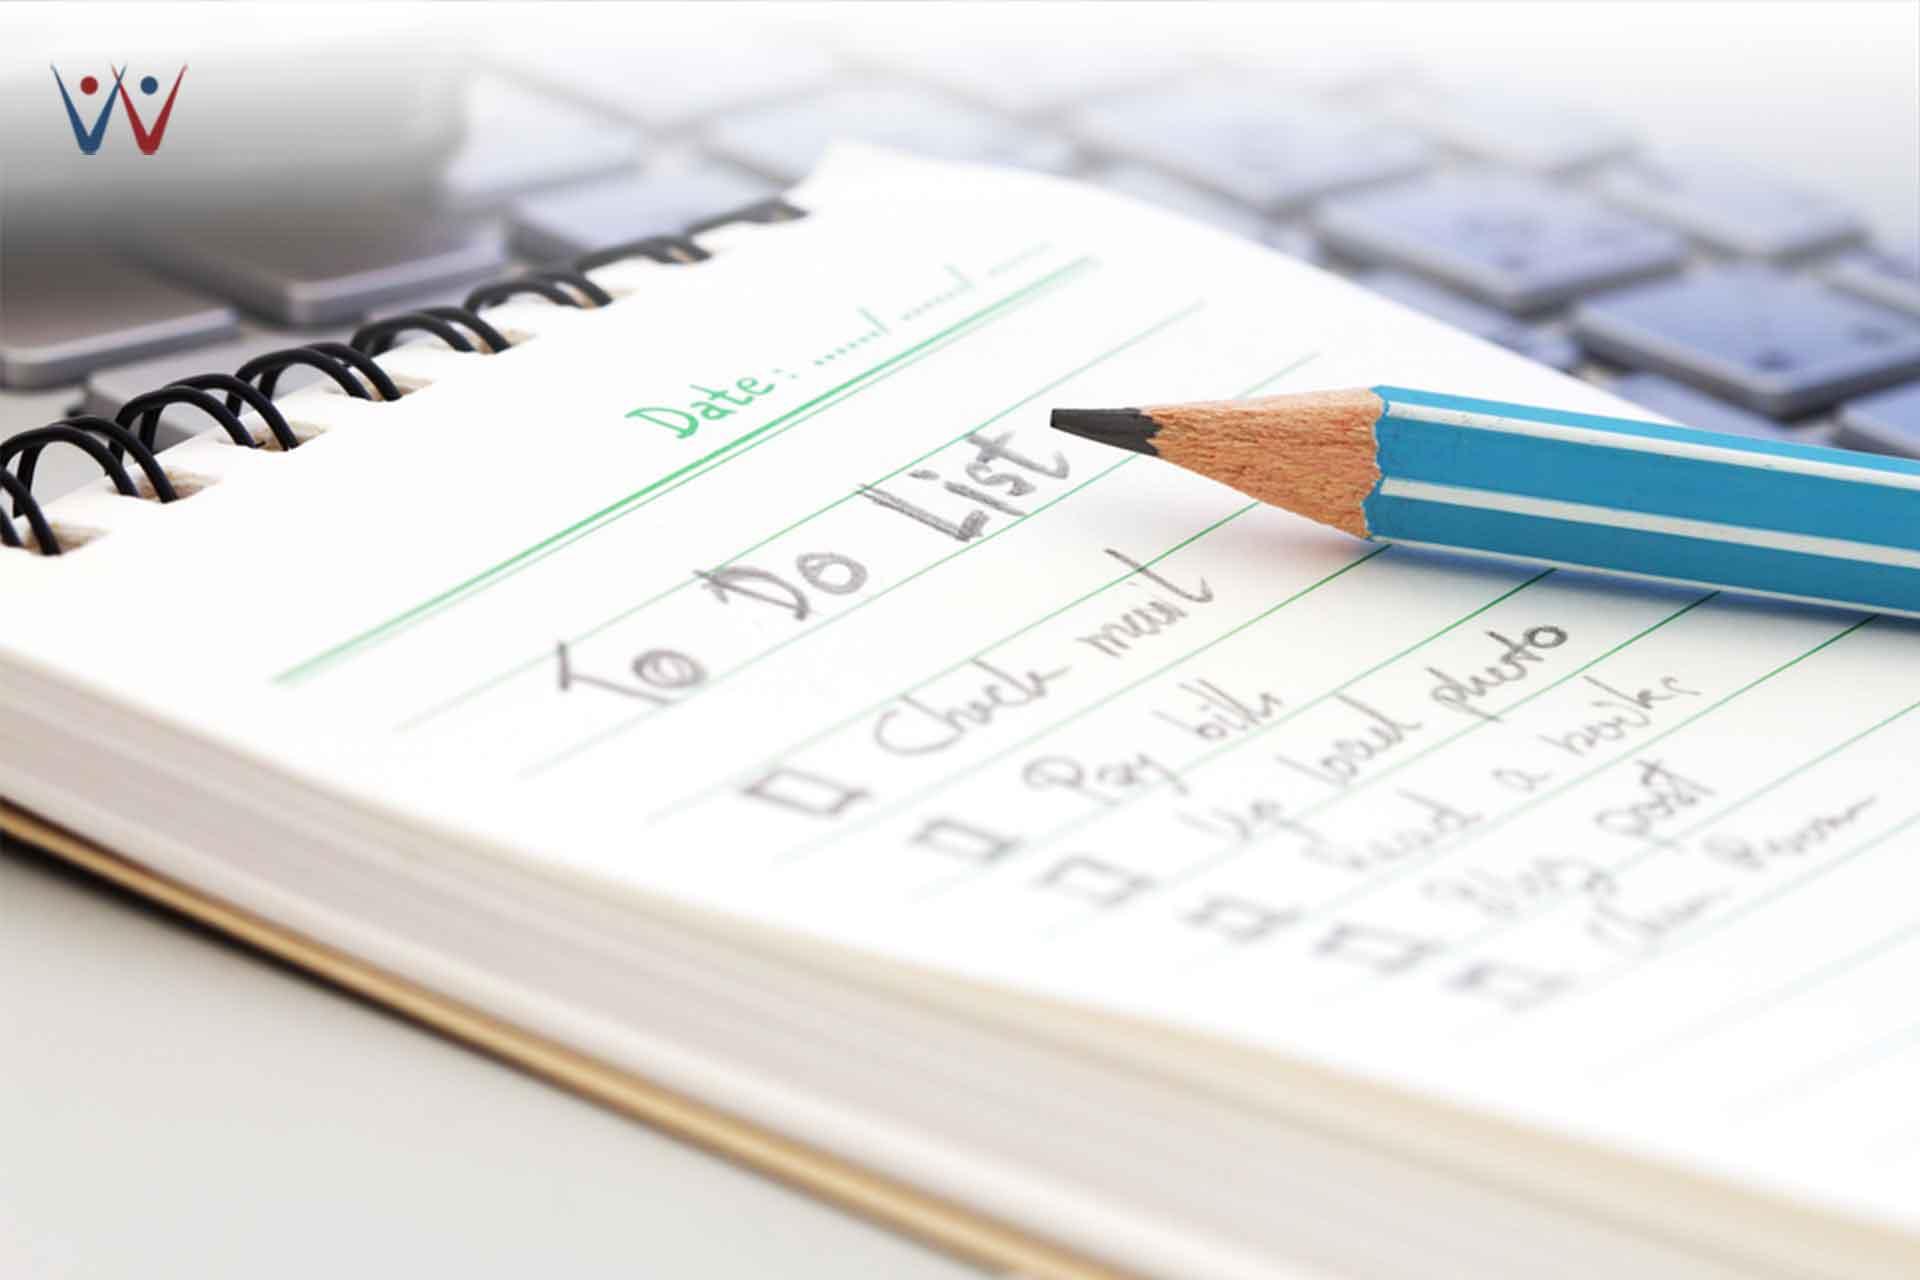 work from home - Buat Jadwal dan Daftar Pekerjaan